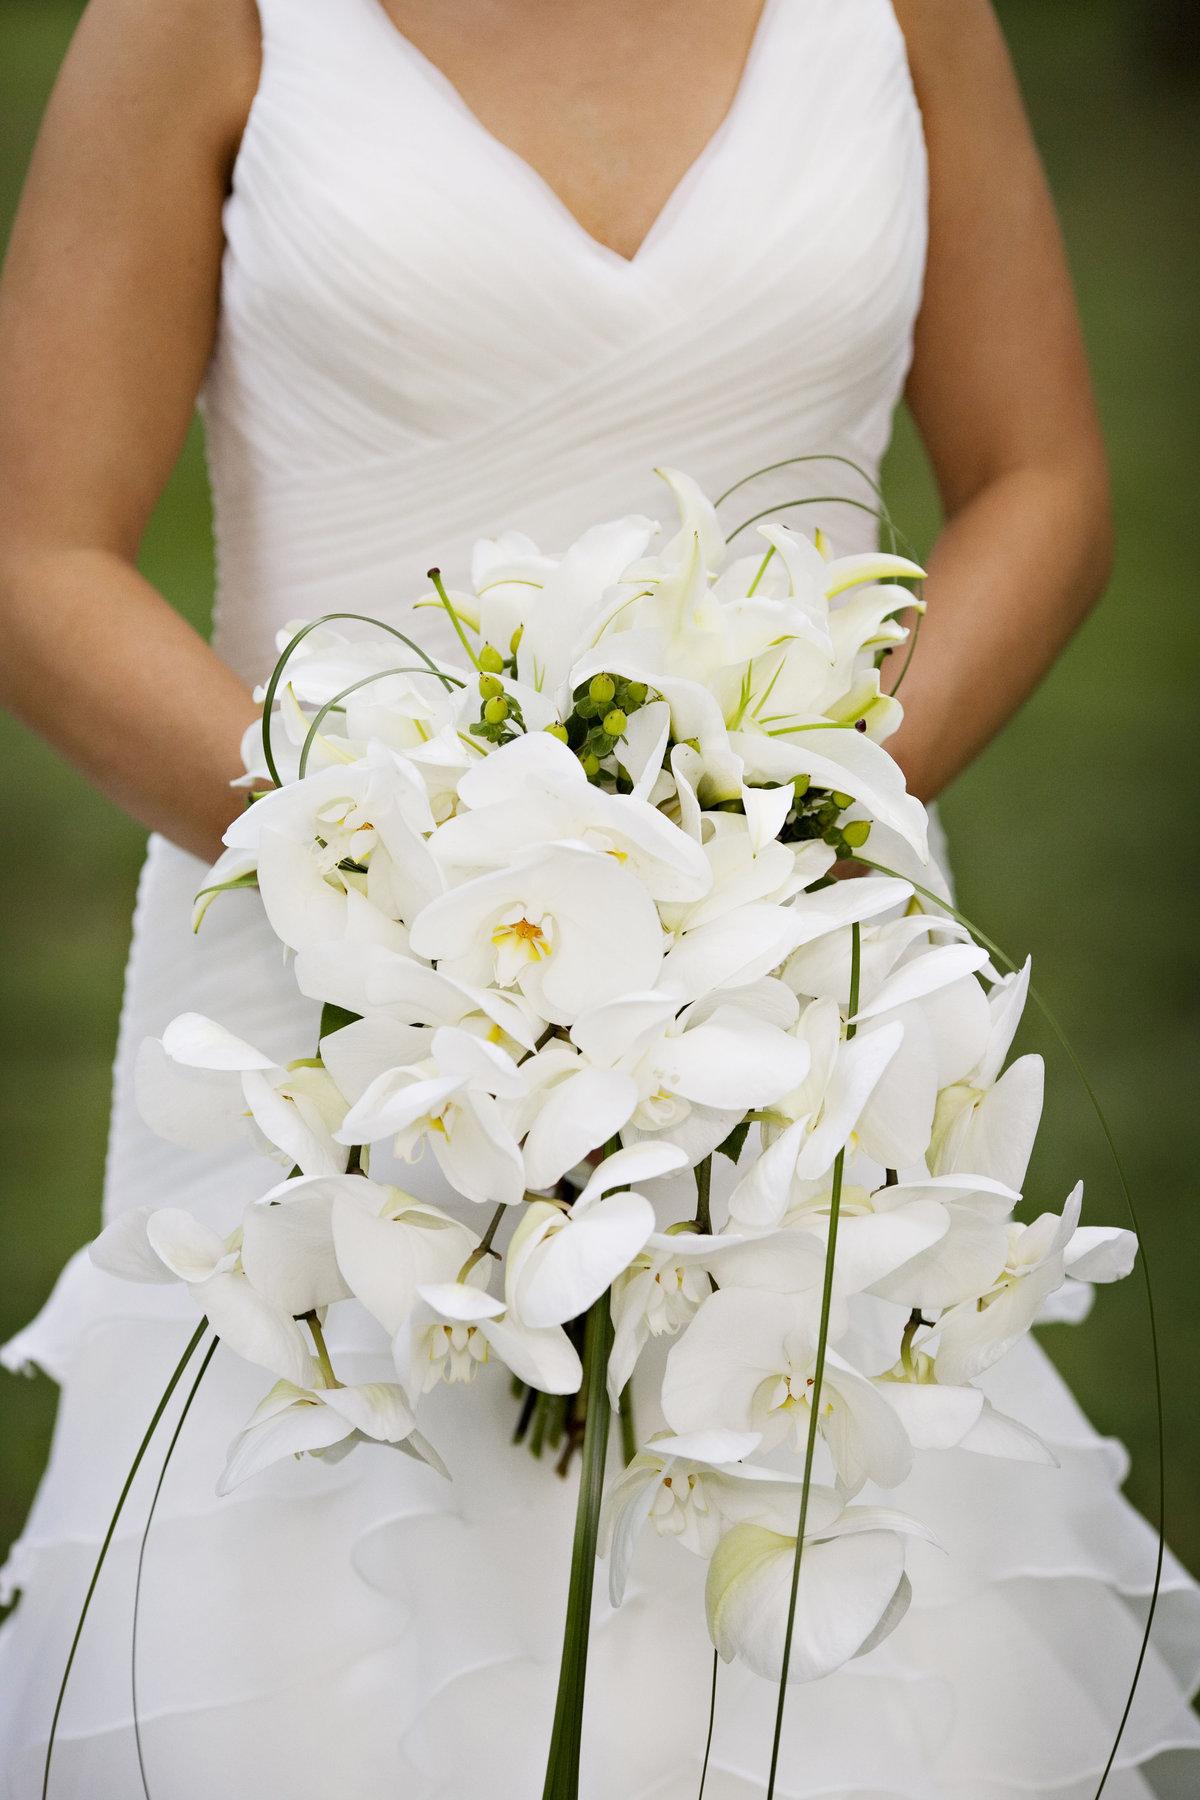 Цветы, белые орхидеи свадебный букет